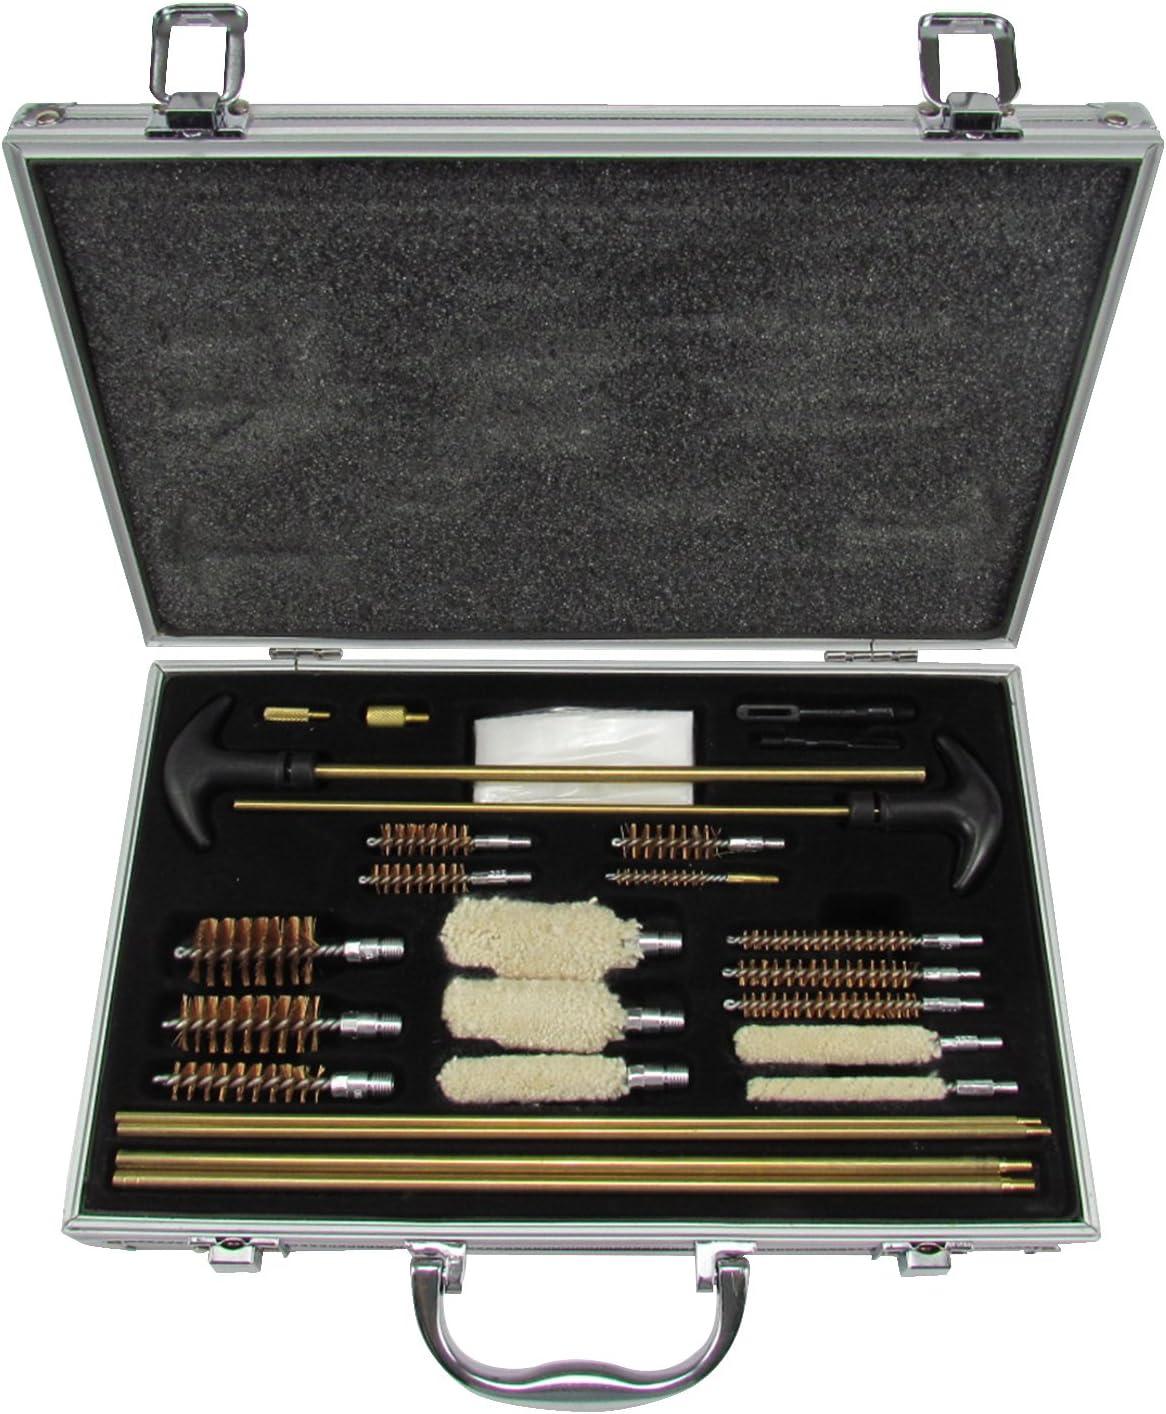 Kit de limpieza universal Tourbon, de aluminio, para pistolas, escopetas y rifles